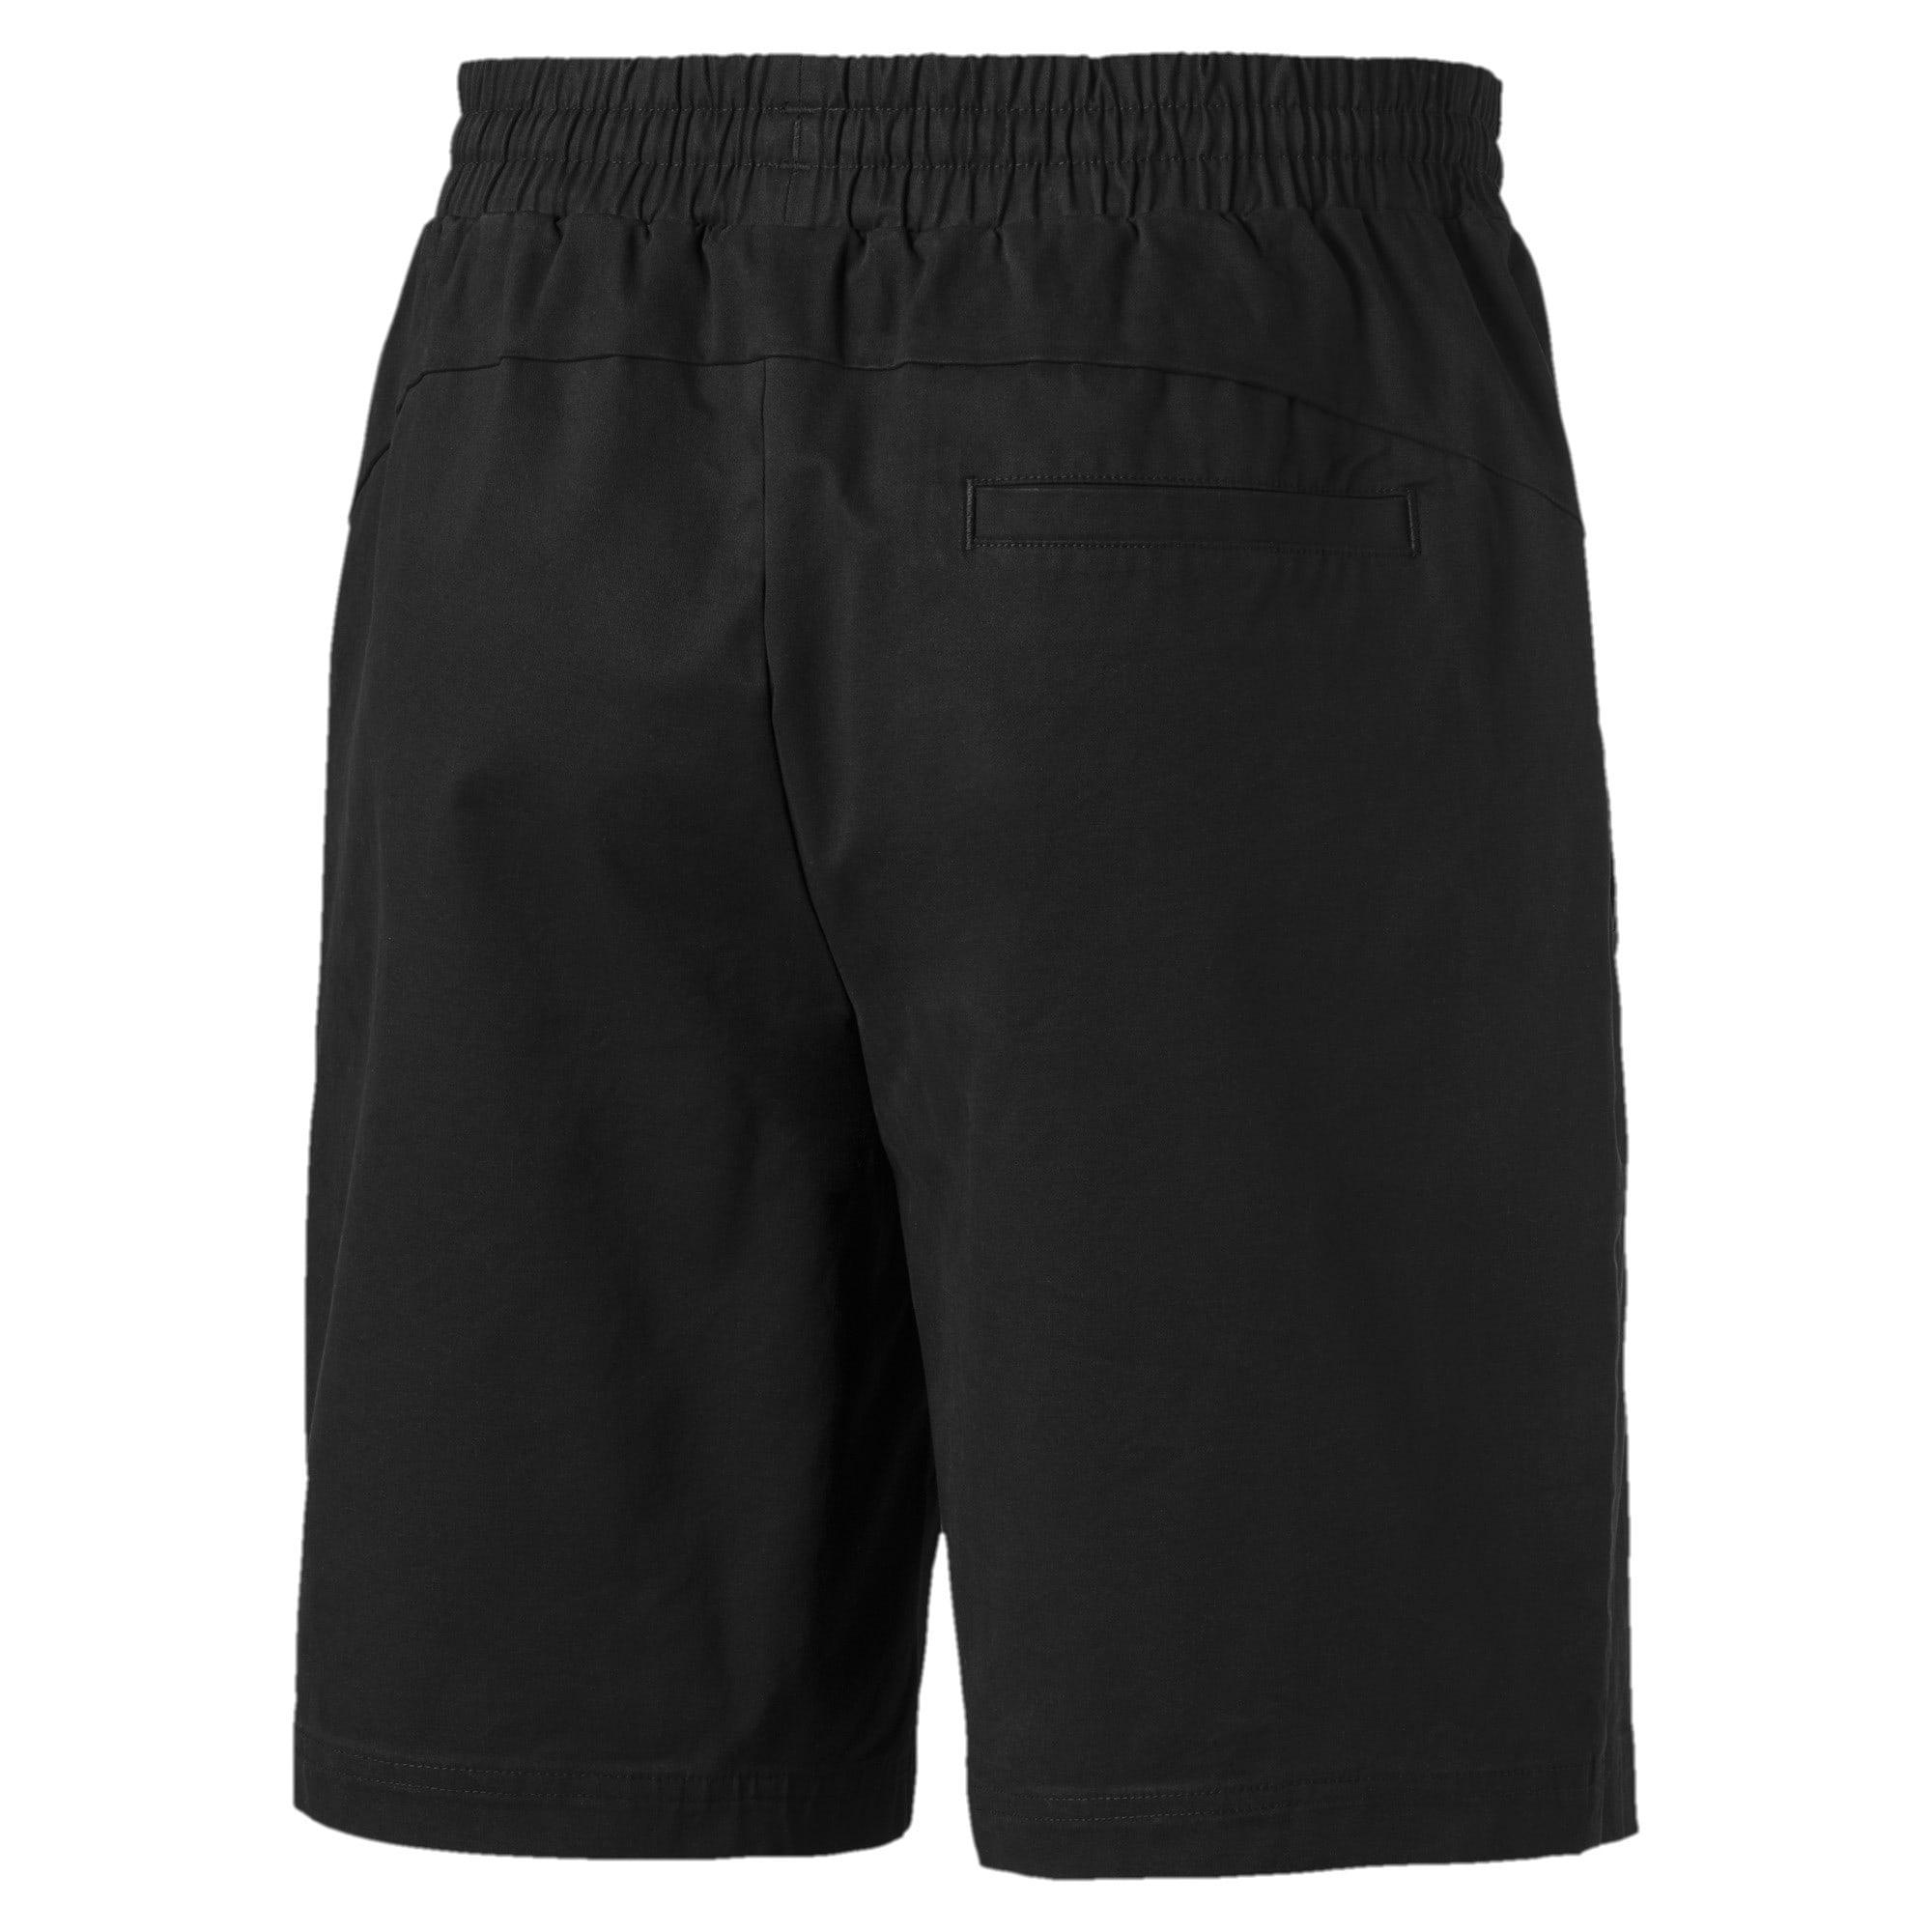 Miniatura 5 de Shorts Fusion para hombre, Puma Black, mediano